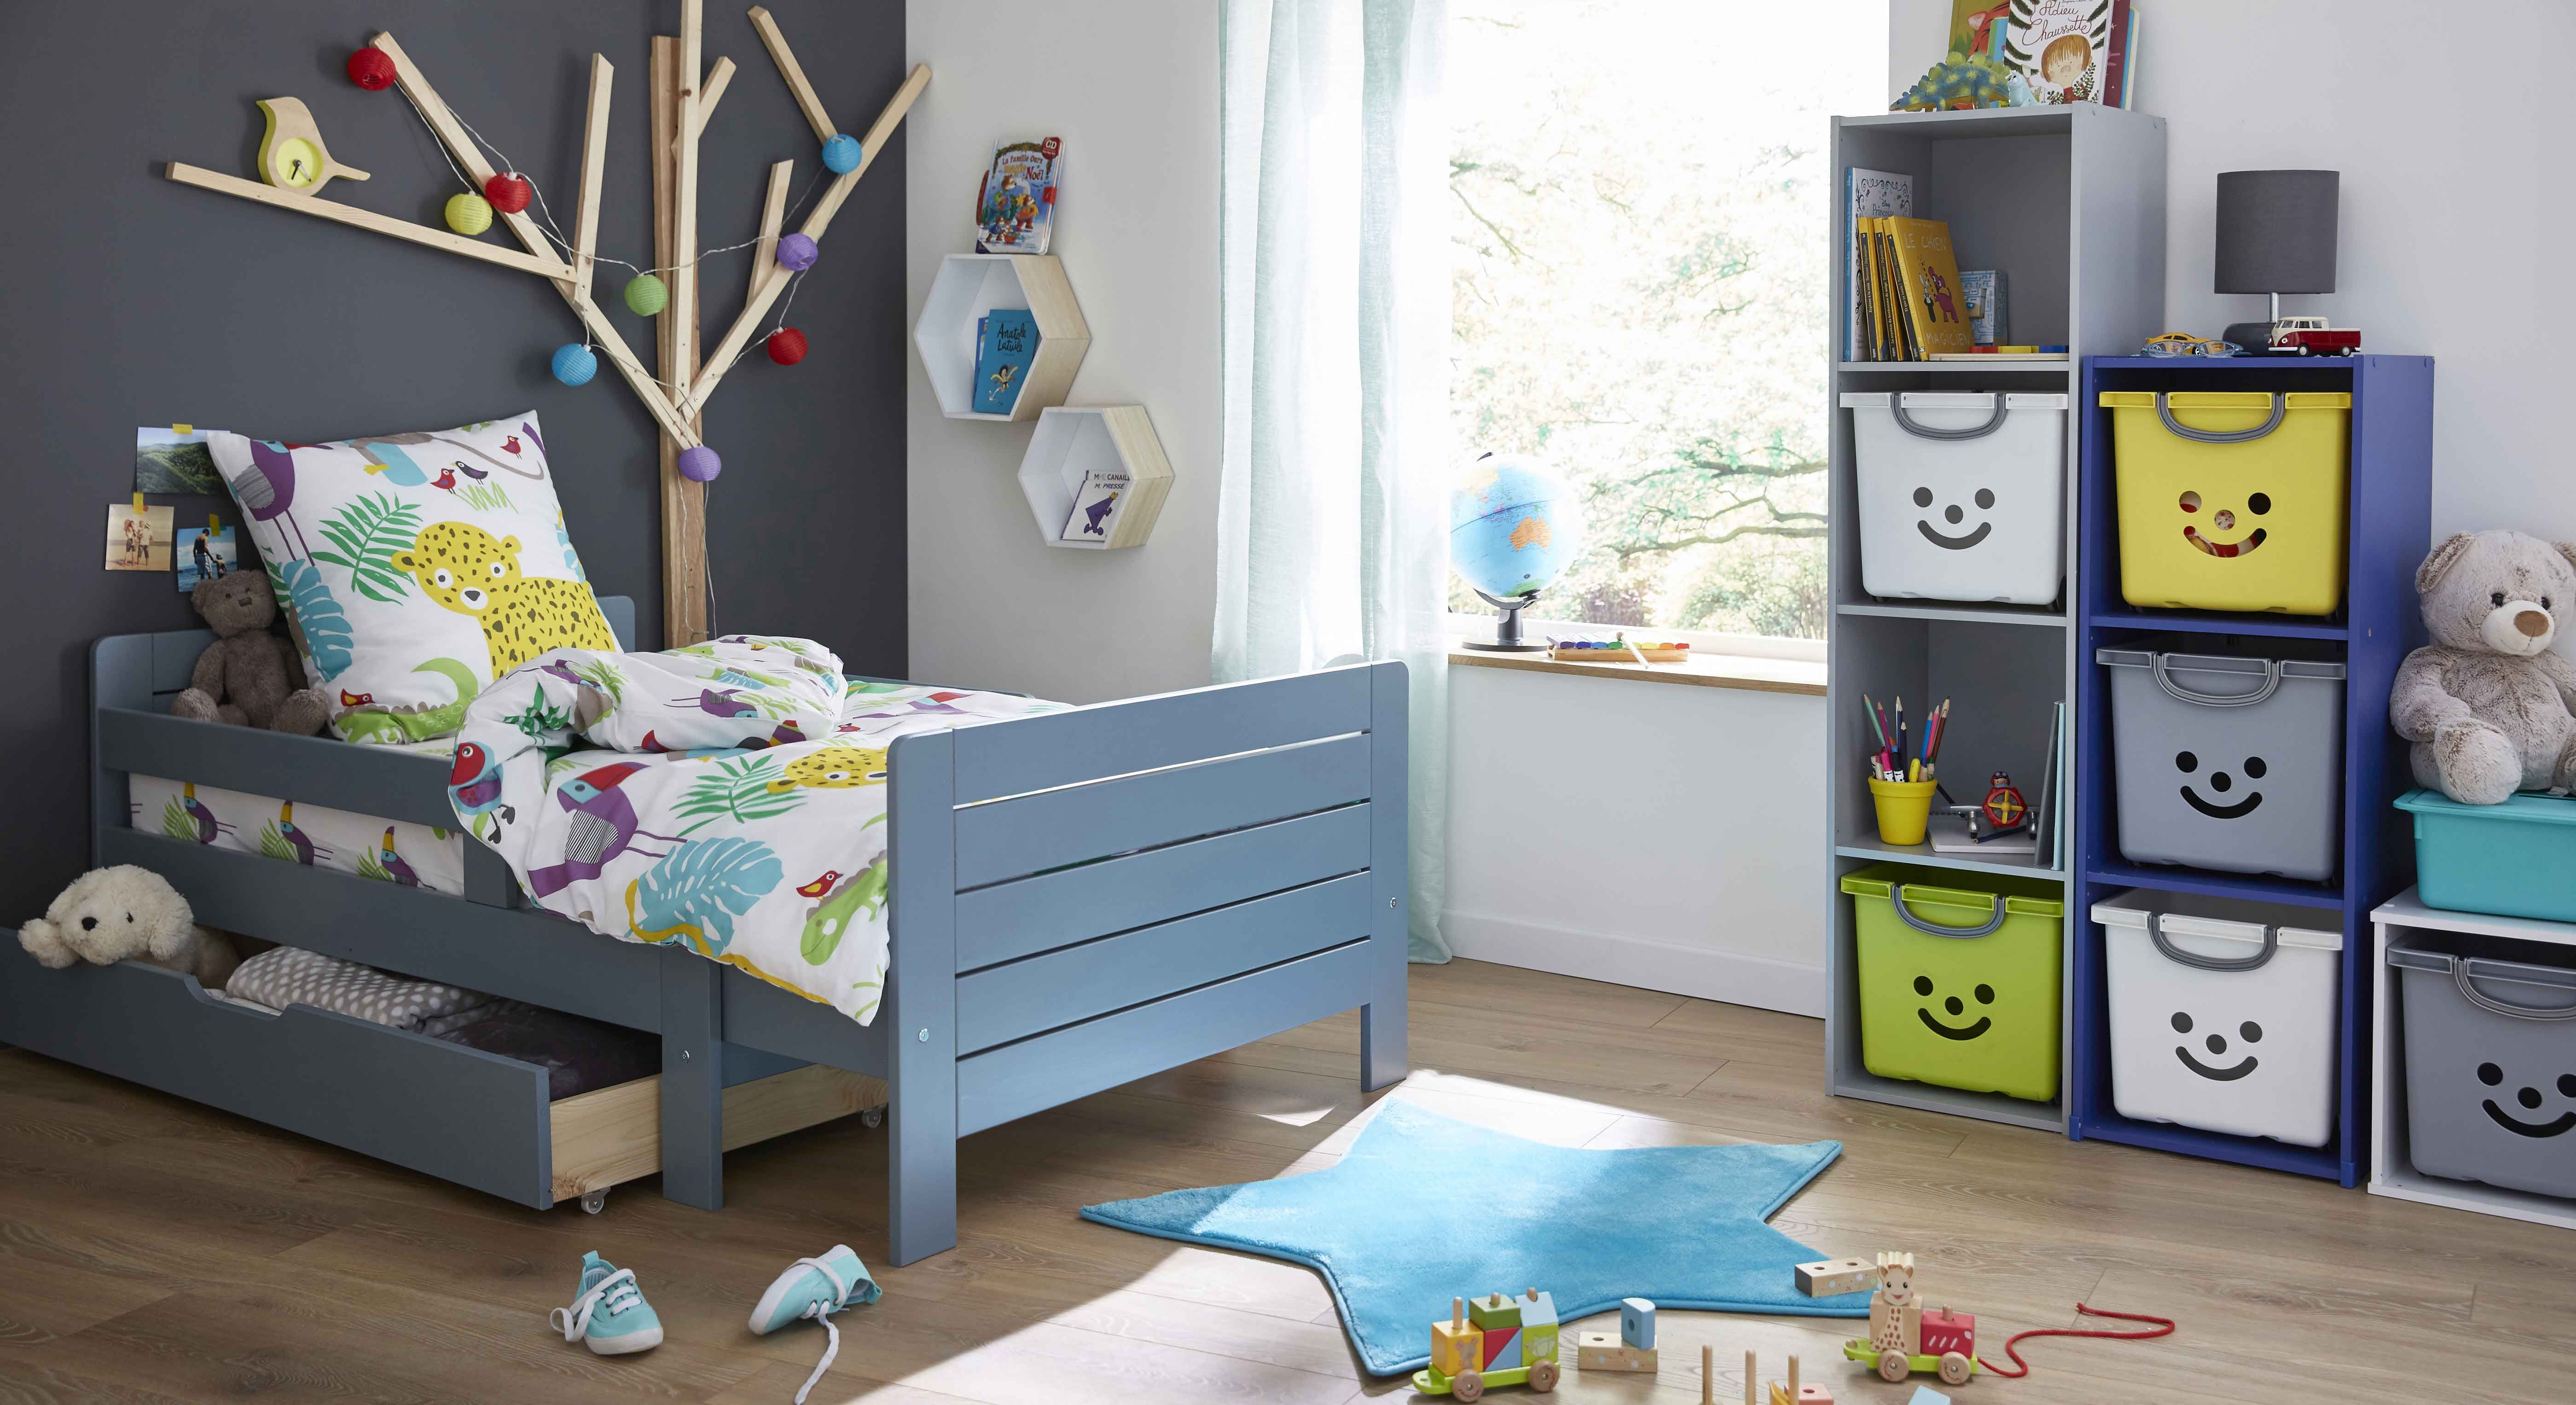 Lilou Lit Evolutif Bleu 3 Positions Pour Enfant Alinea Deco Chambre Enfant Deco Chambre Deco Chambre Garcon